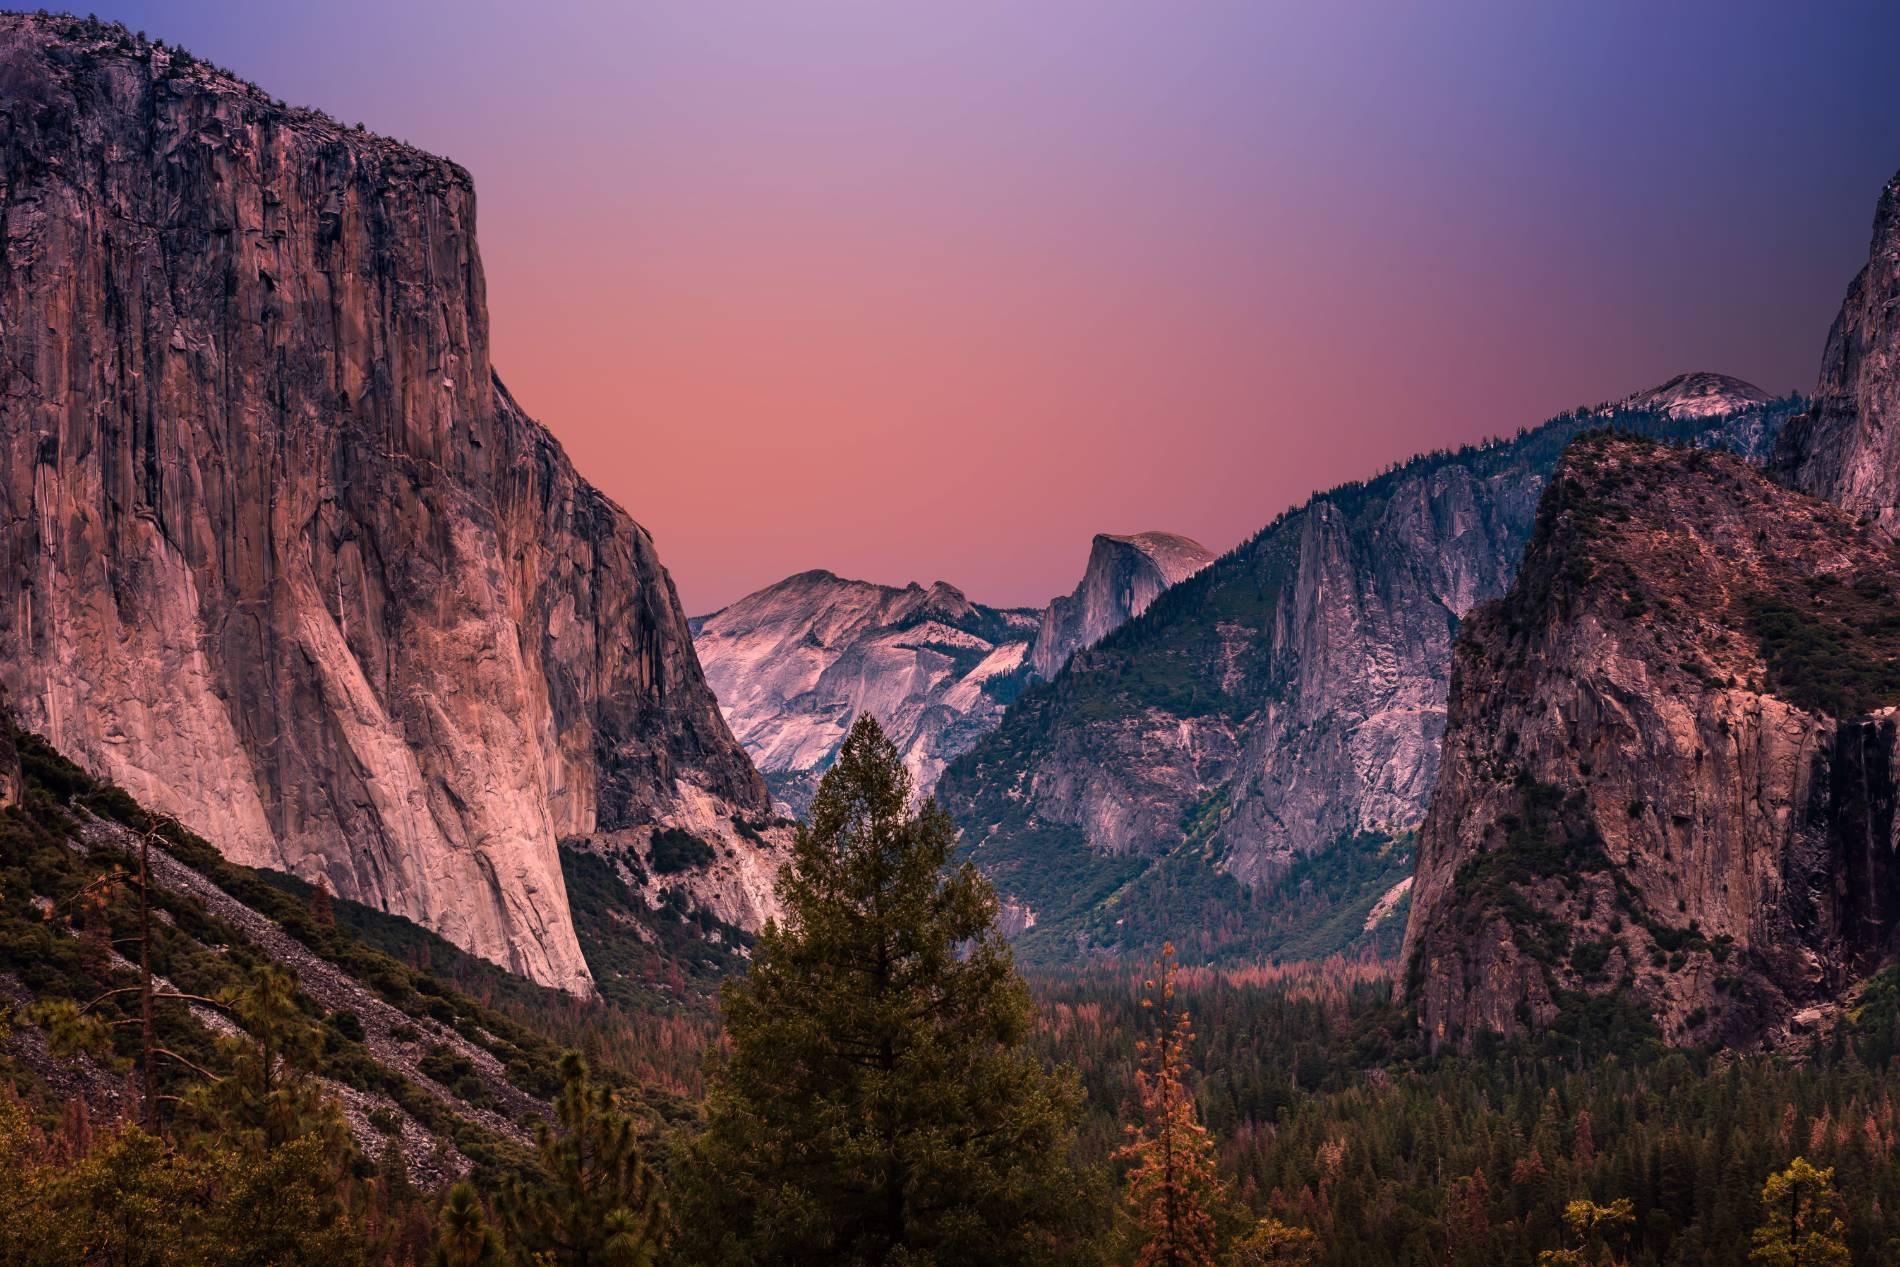 Reisinformatie over Yosemite